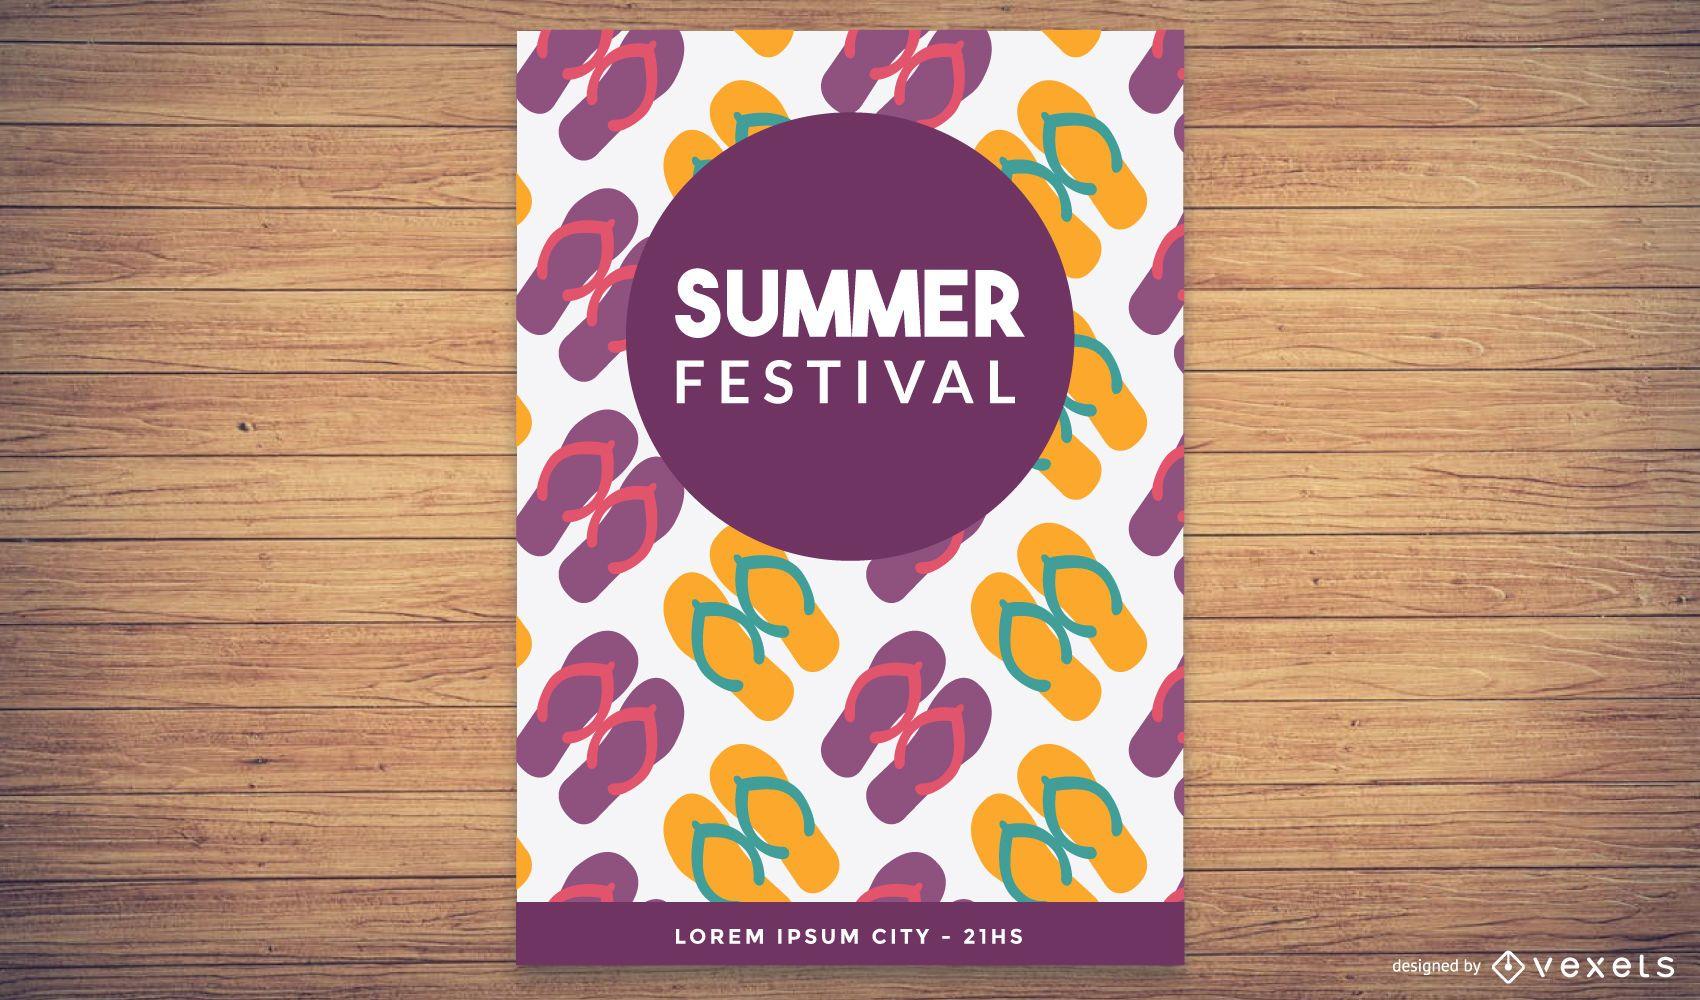 Funky Summer Festival Poster